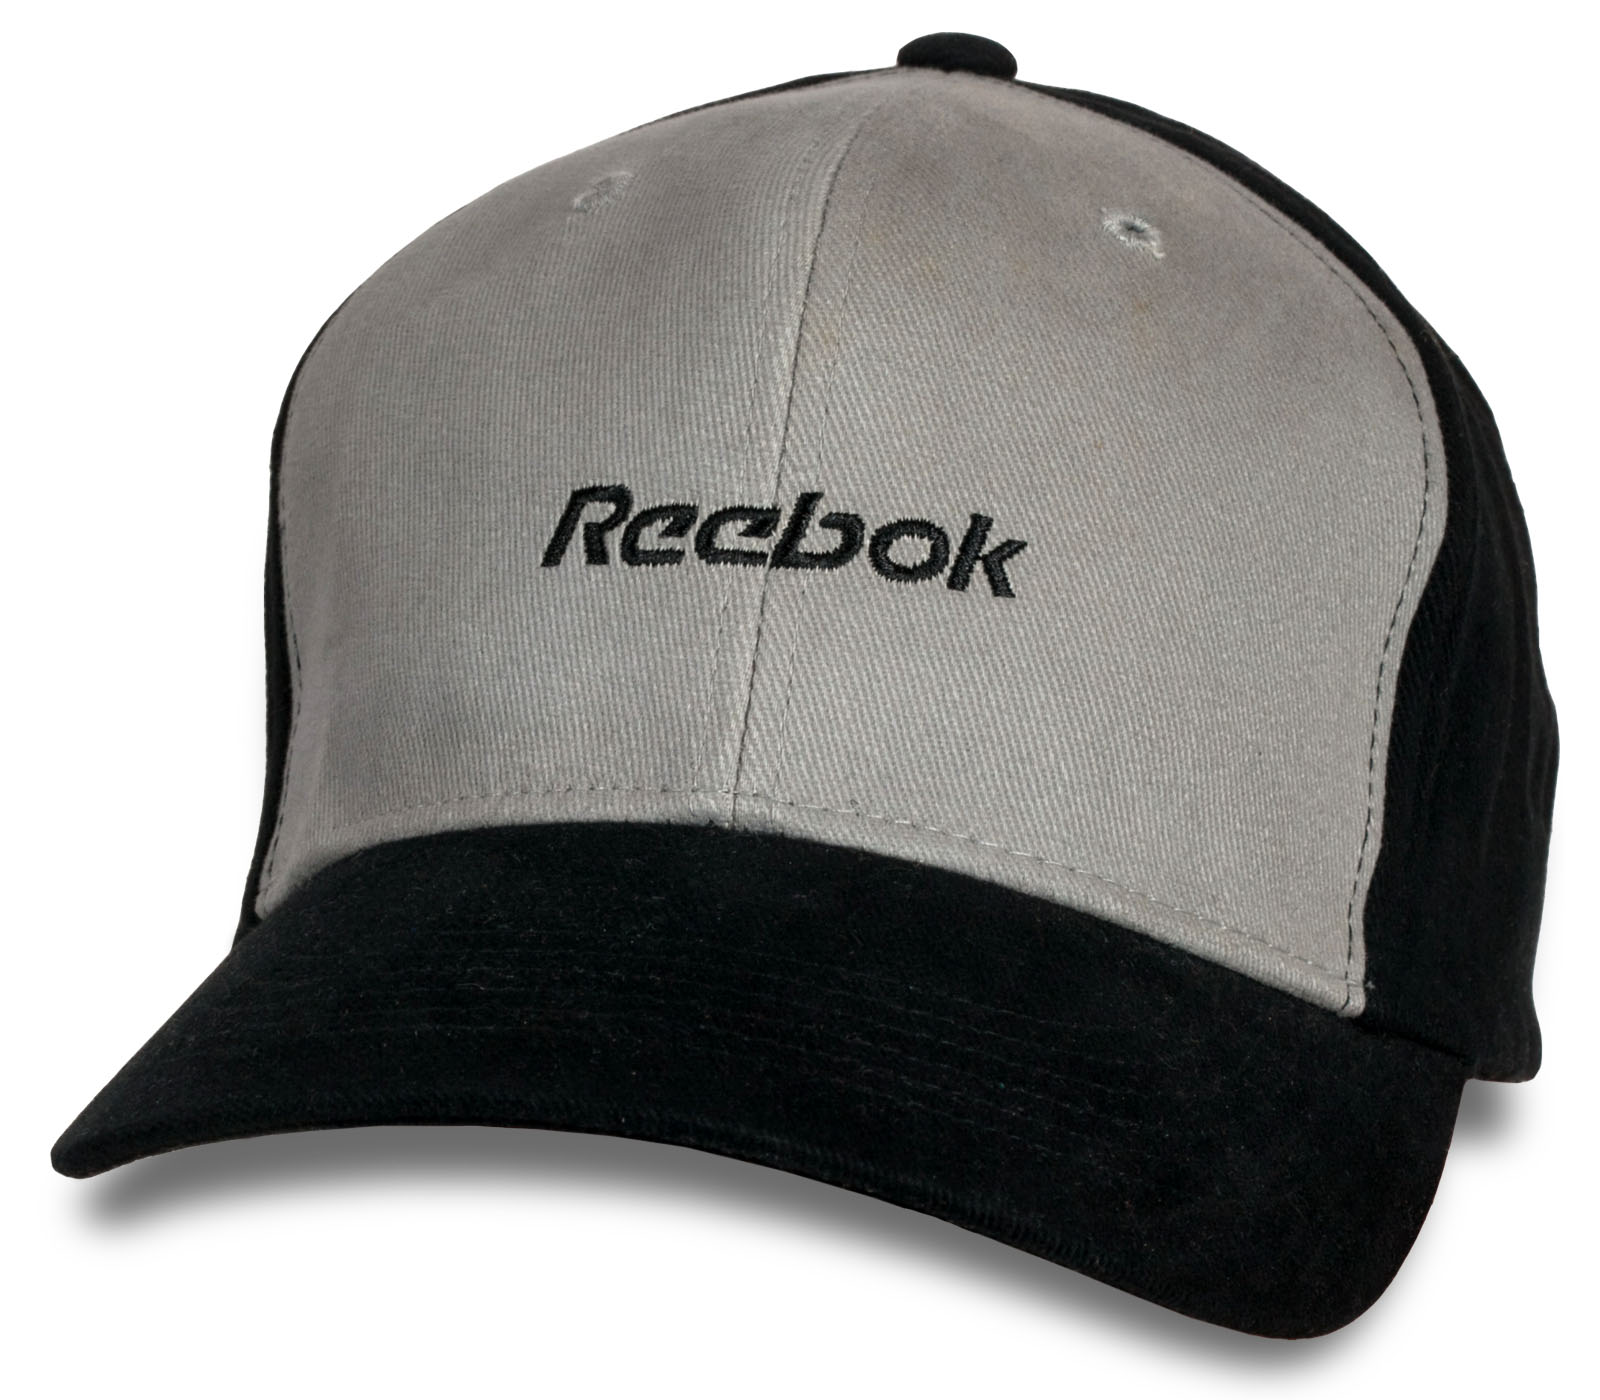 Брендовая кепка со спортивным логотипом